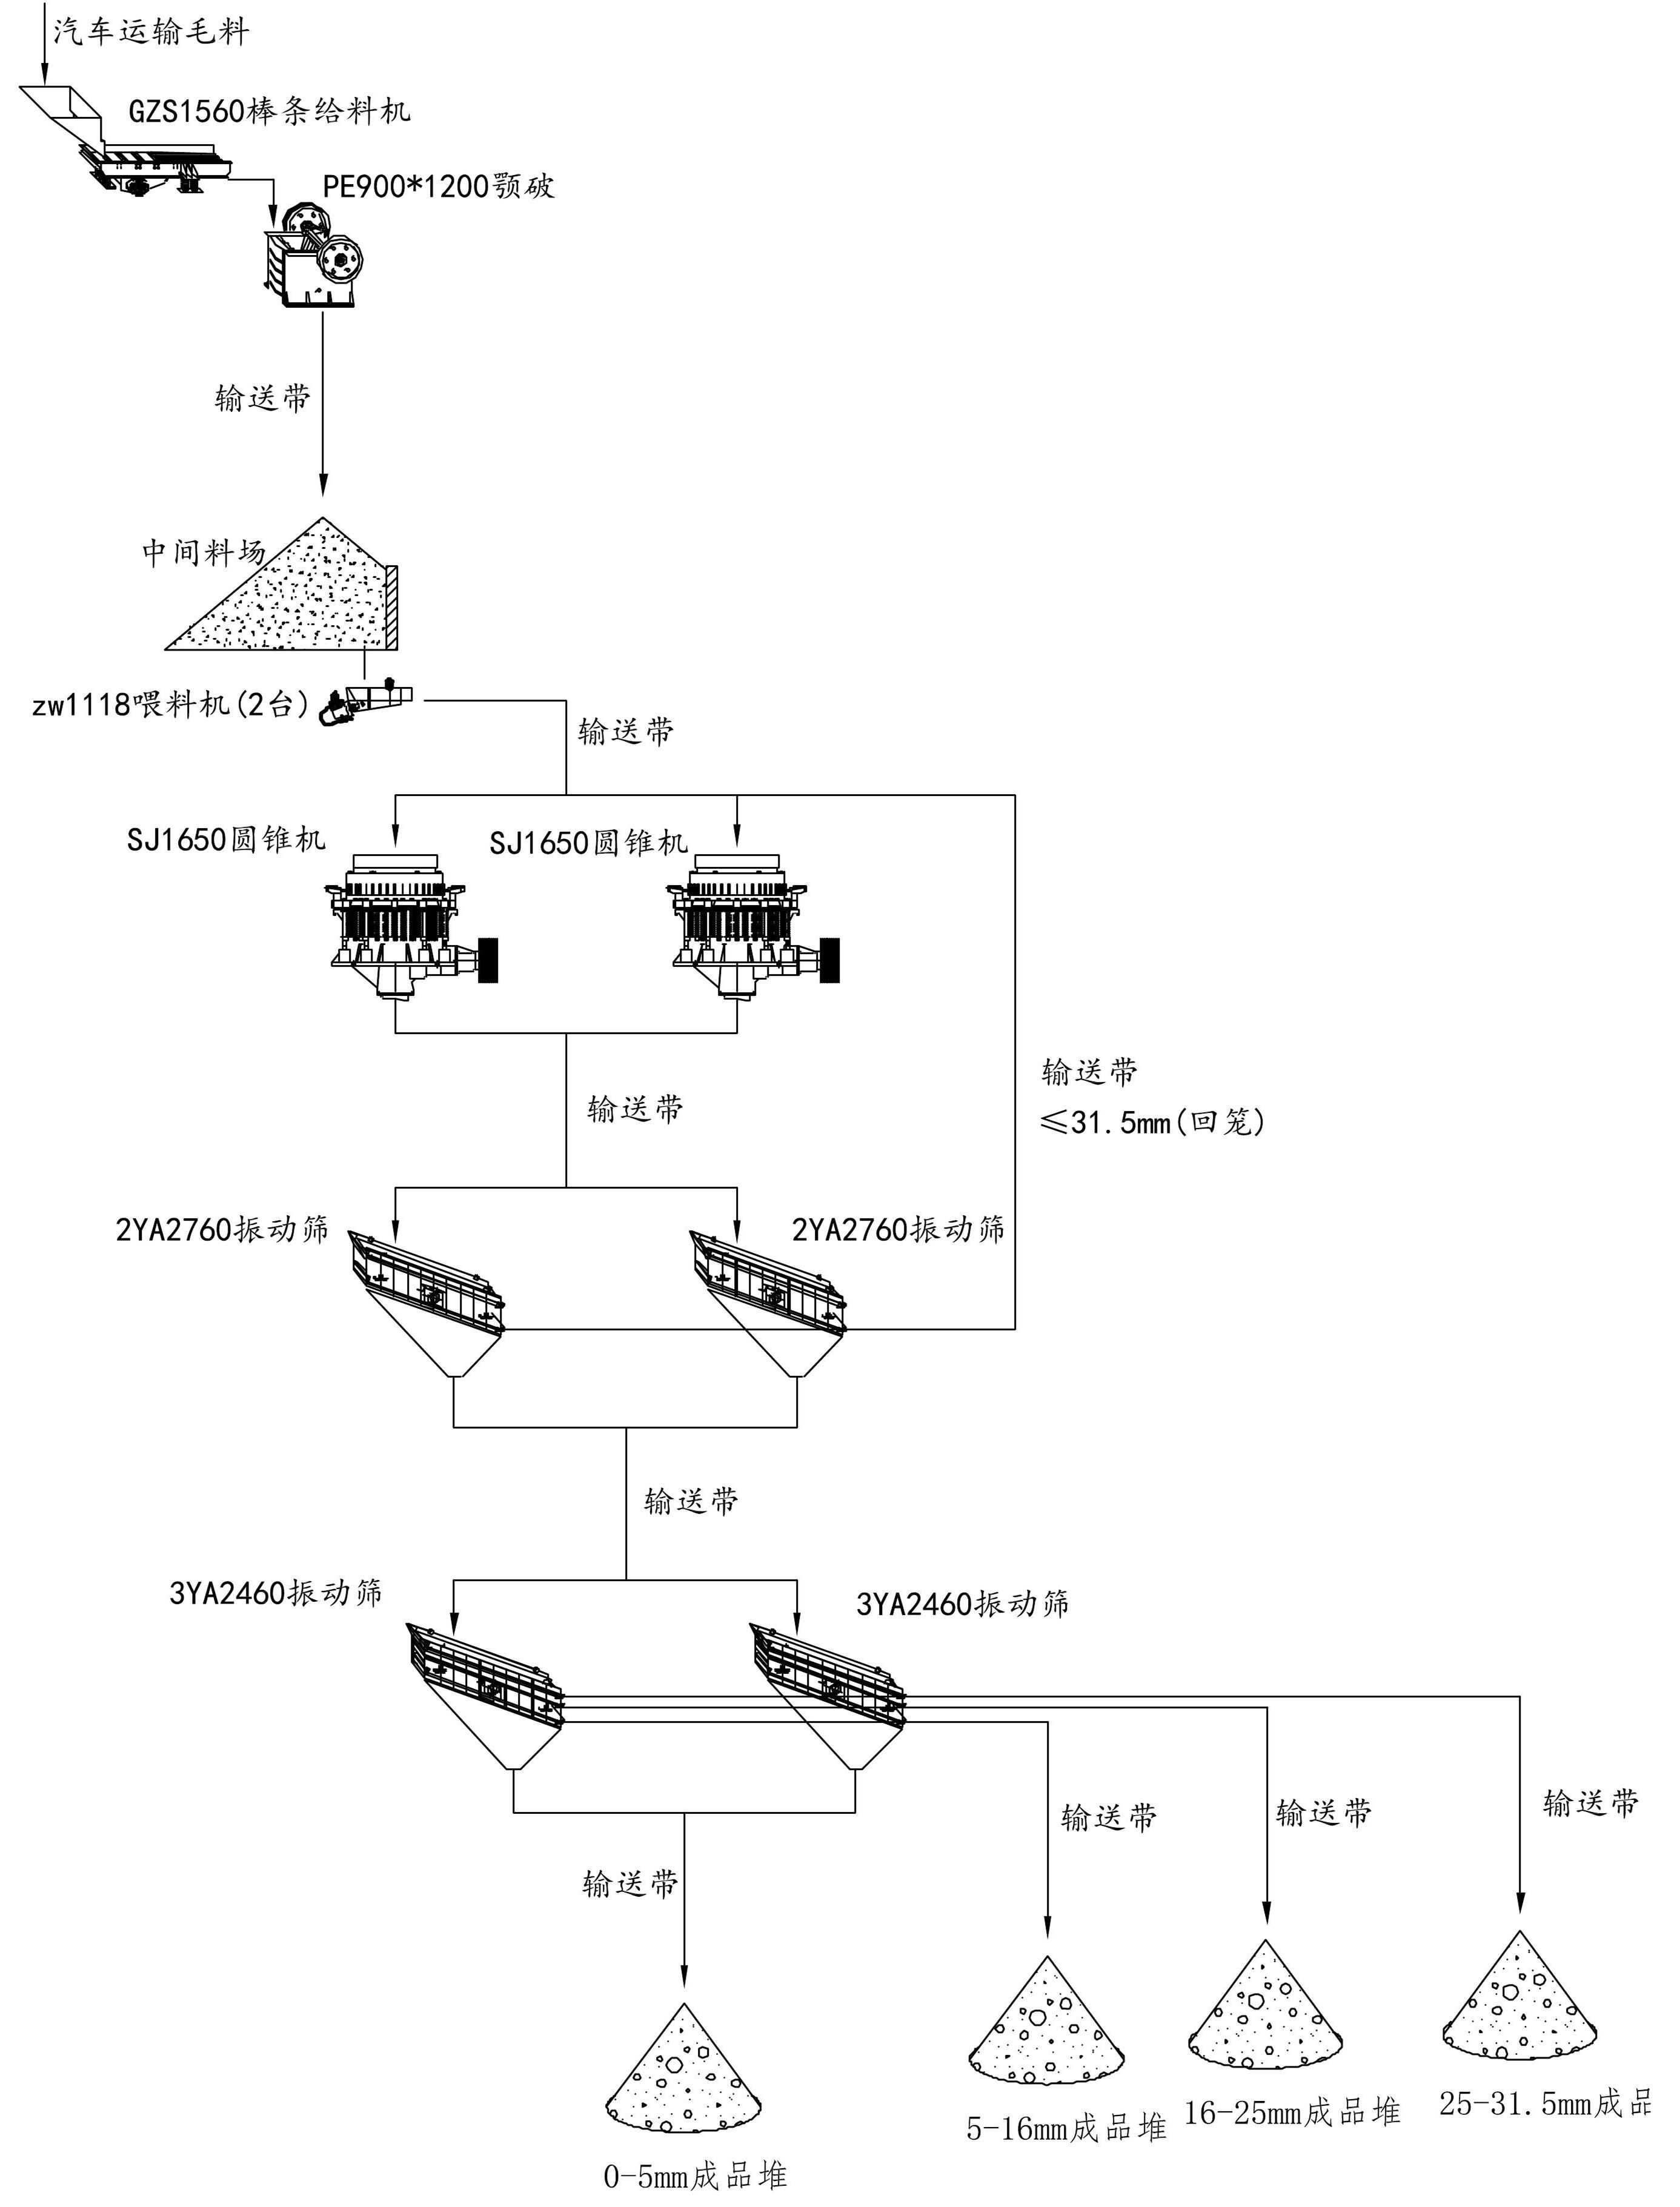 时产400吨碎石生产线工艺流程图